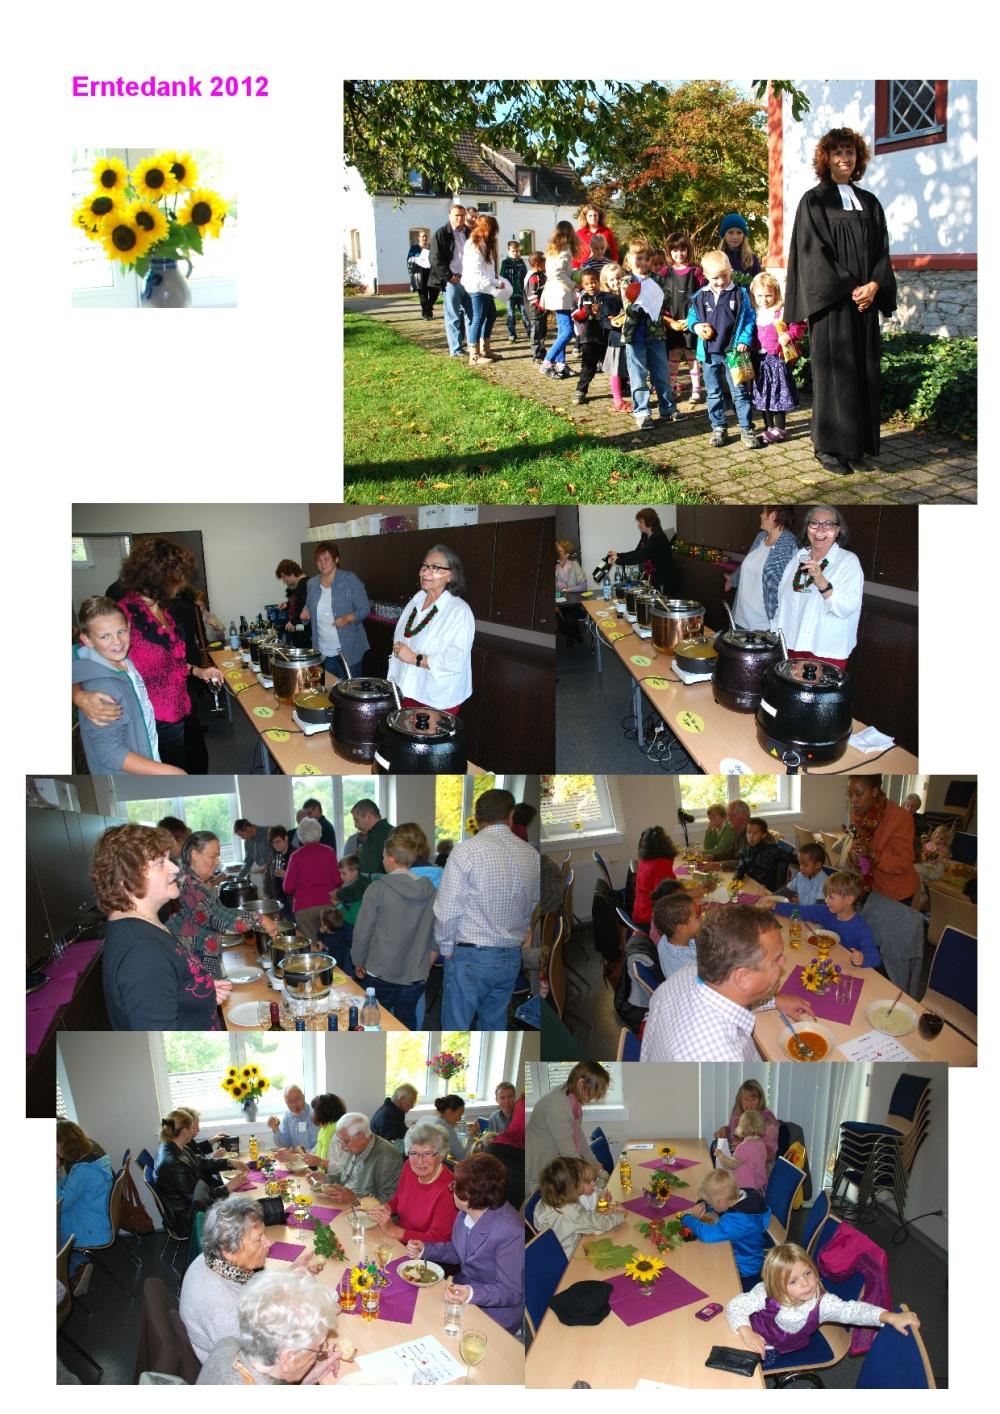 30-Erntedank-Bilder 07.10.12-001